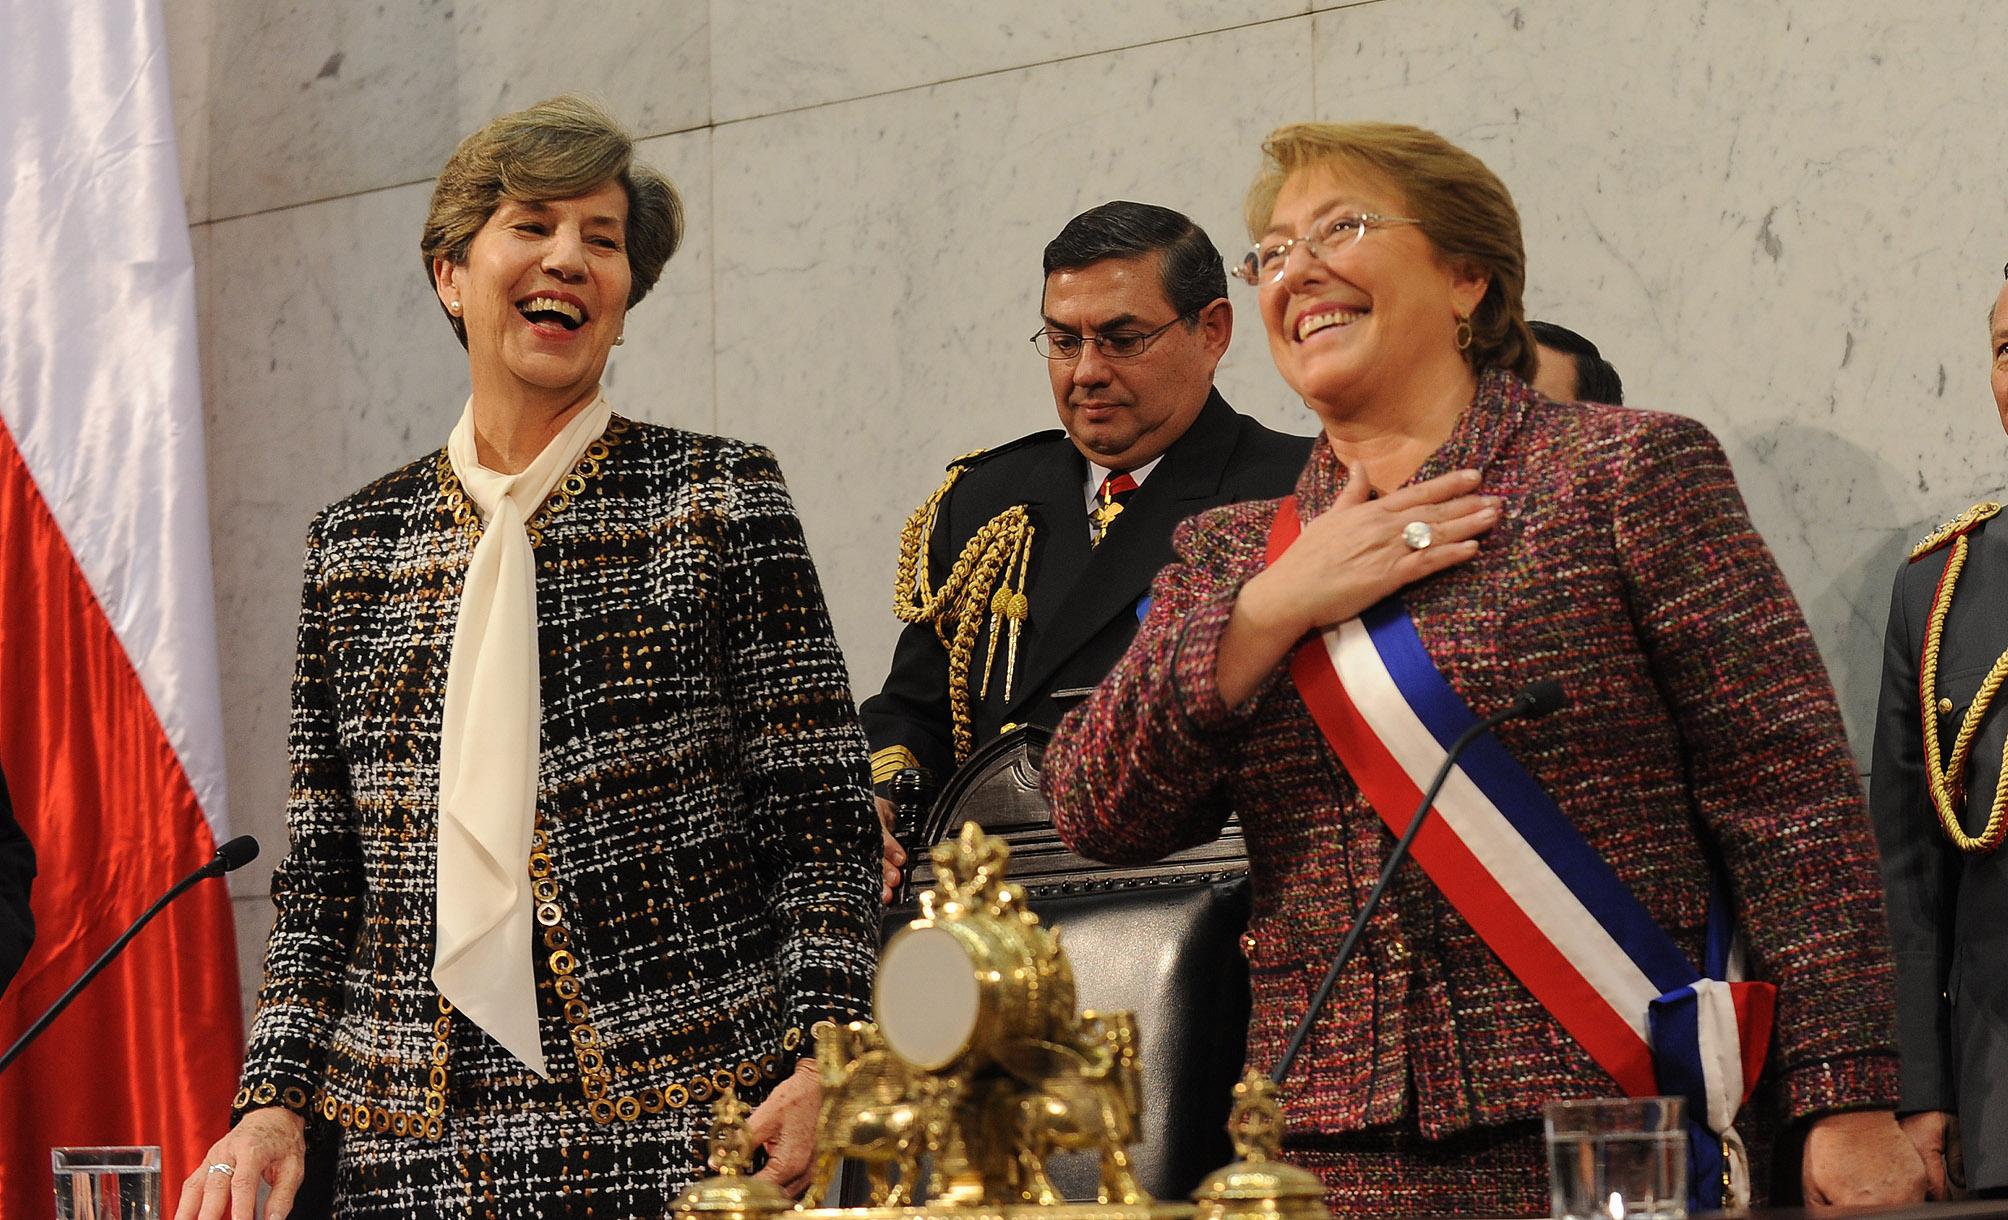 Presidenta Bachelet junto a la Presidenta del Senado, Isabel Allende - Fuente: Presidencia de la República